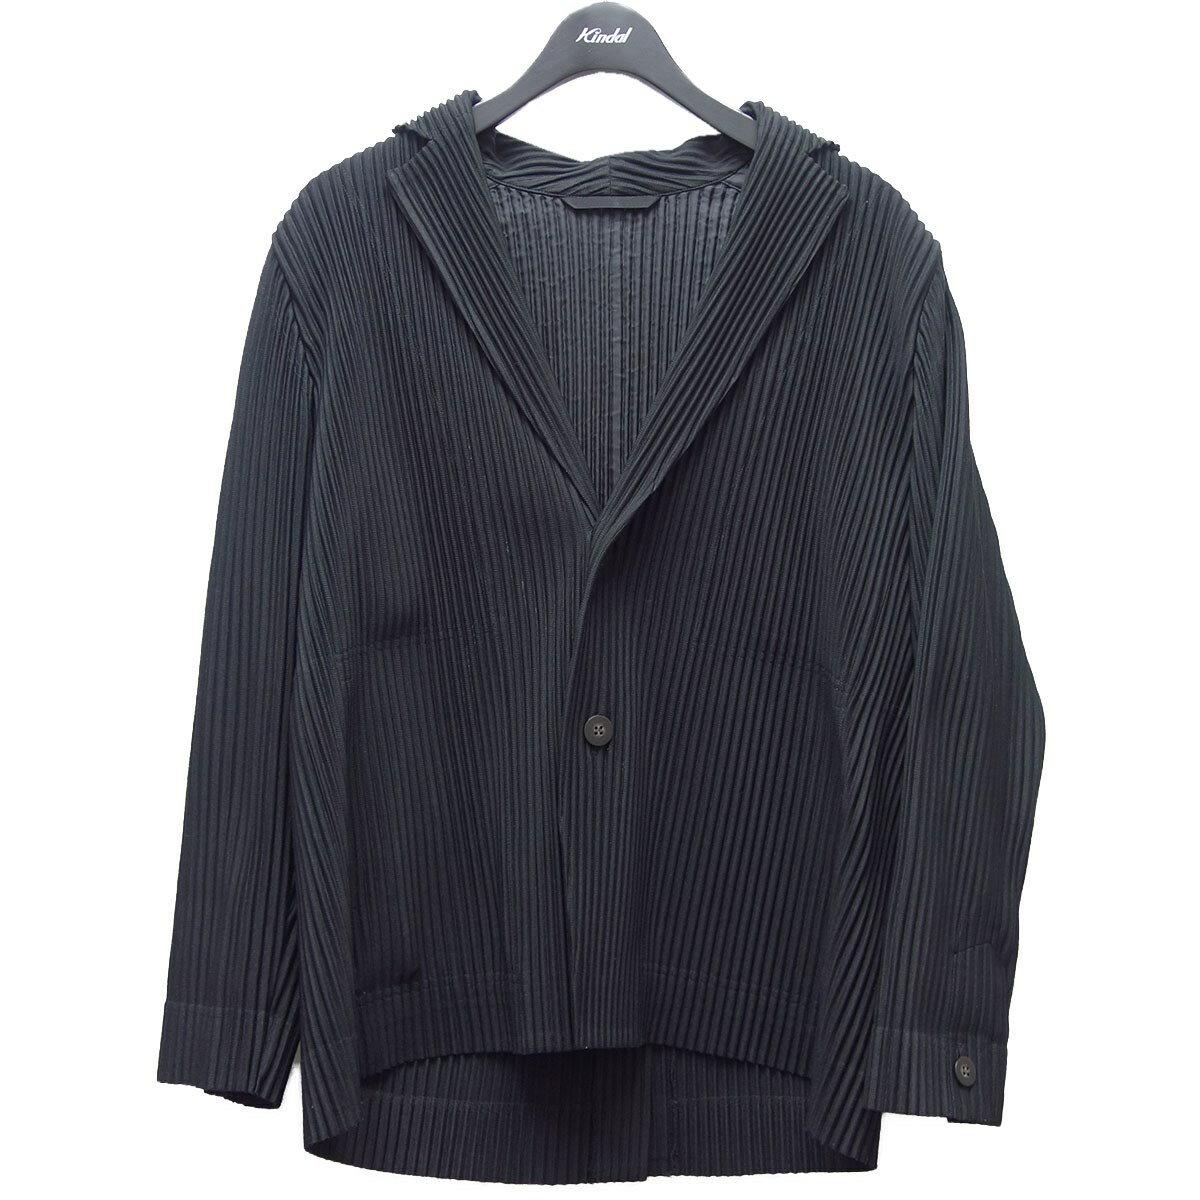 メンズファッション, コート・ジャケット HOMME PLISSE ISSEY MIYAKE 15AW 1 220121